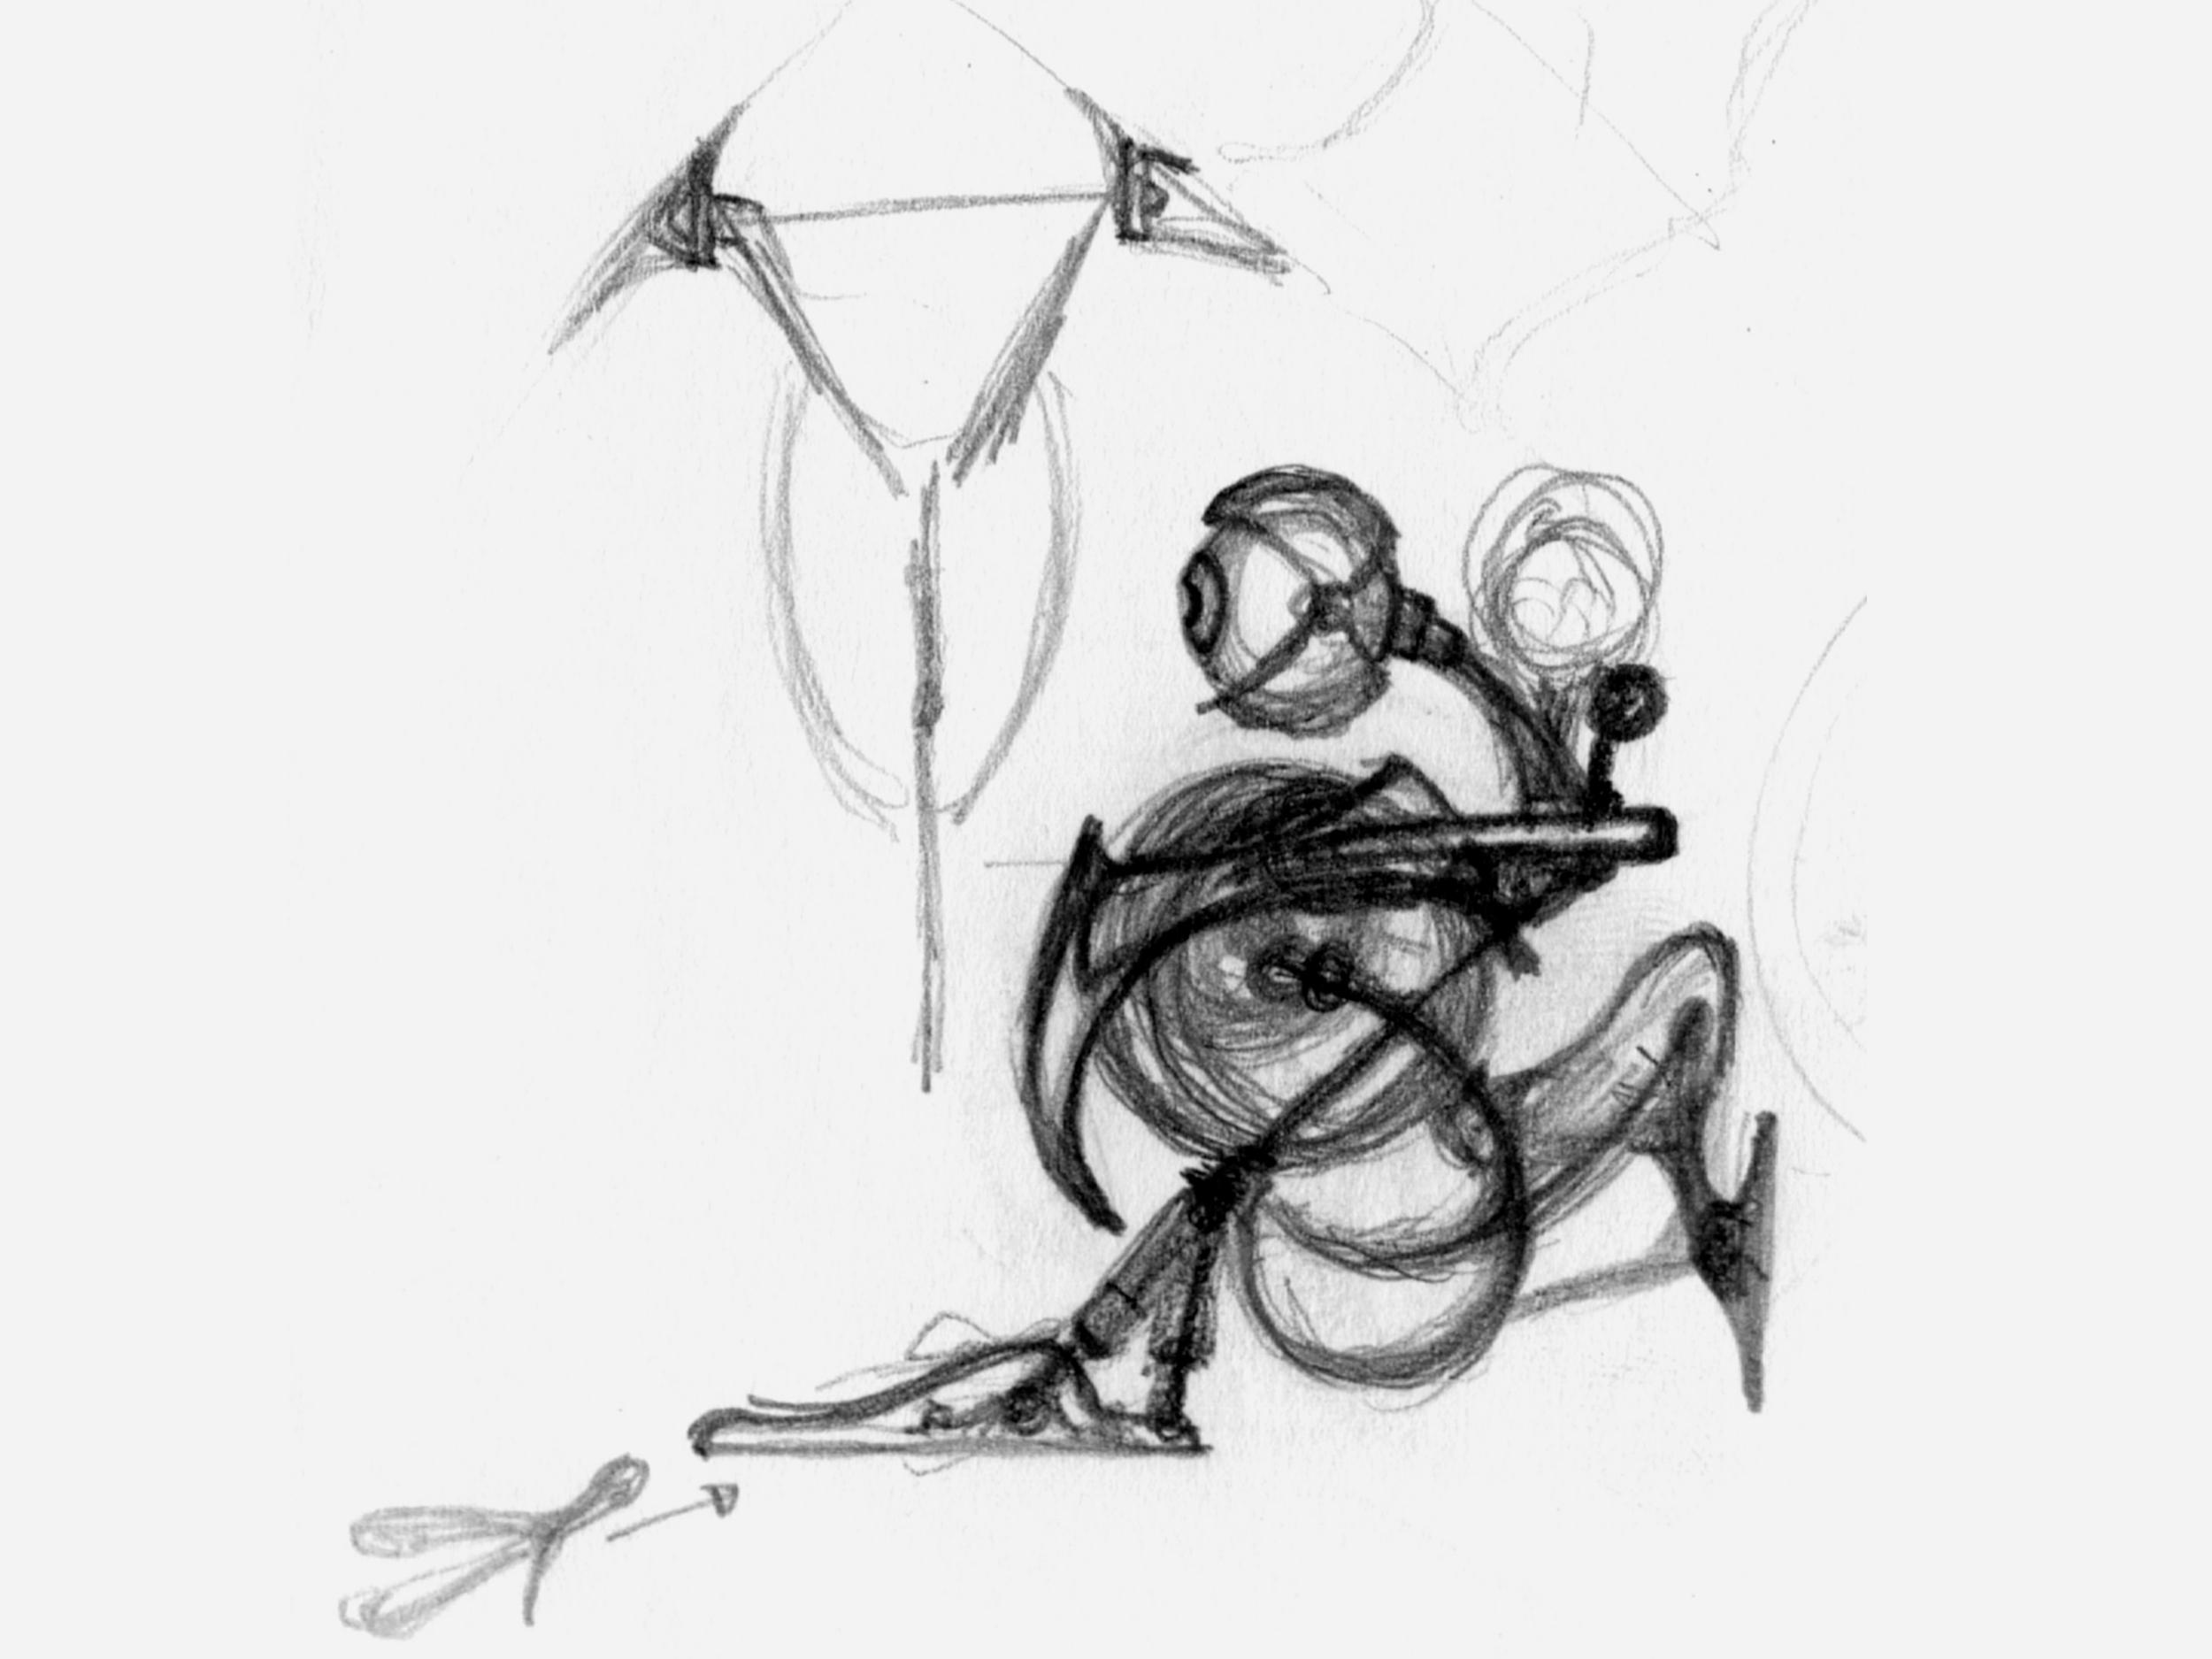 D_obj08_Sketch1